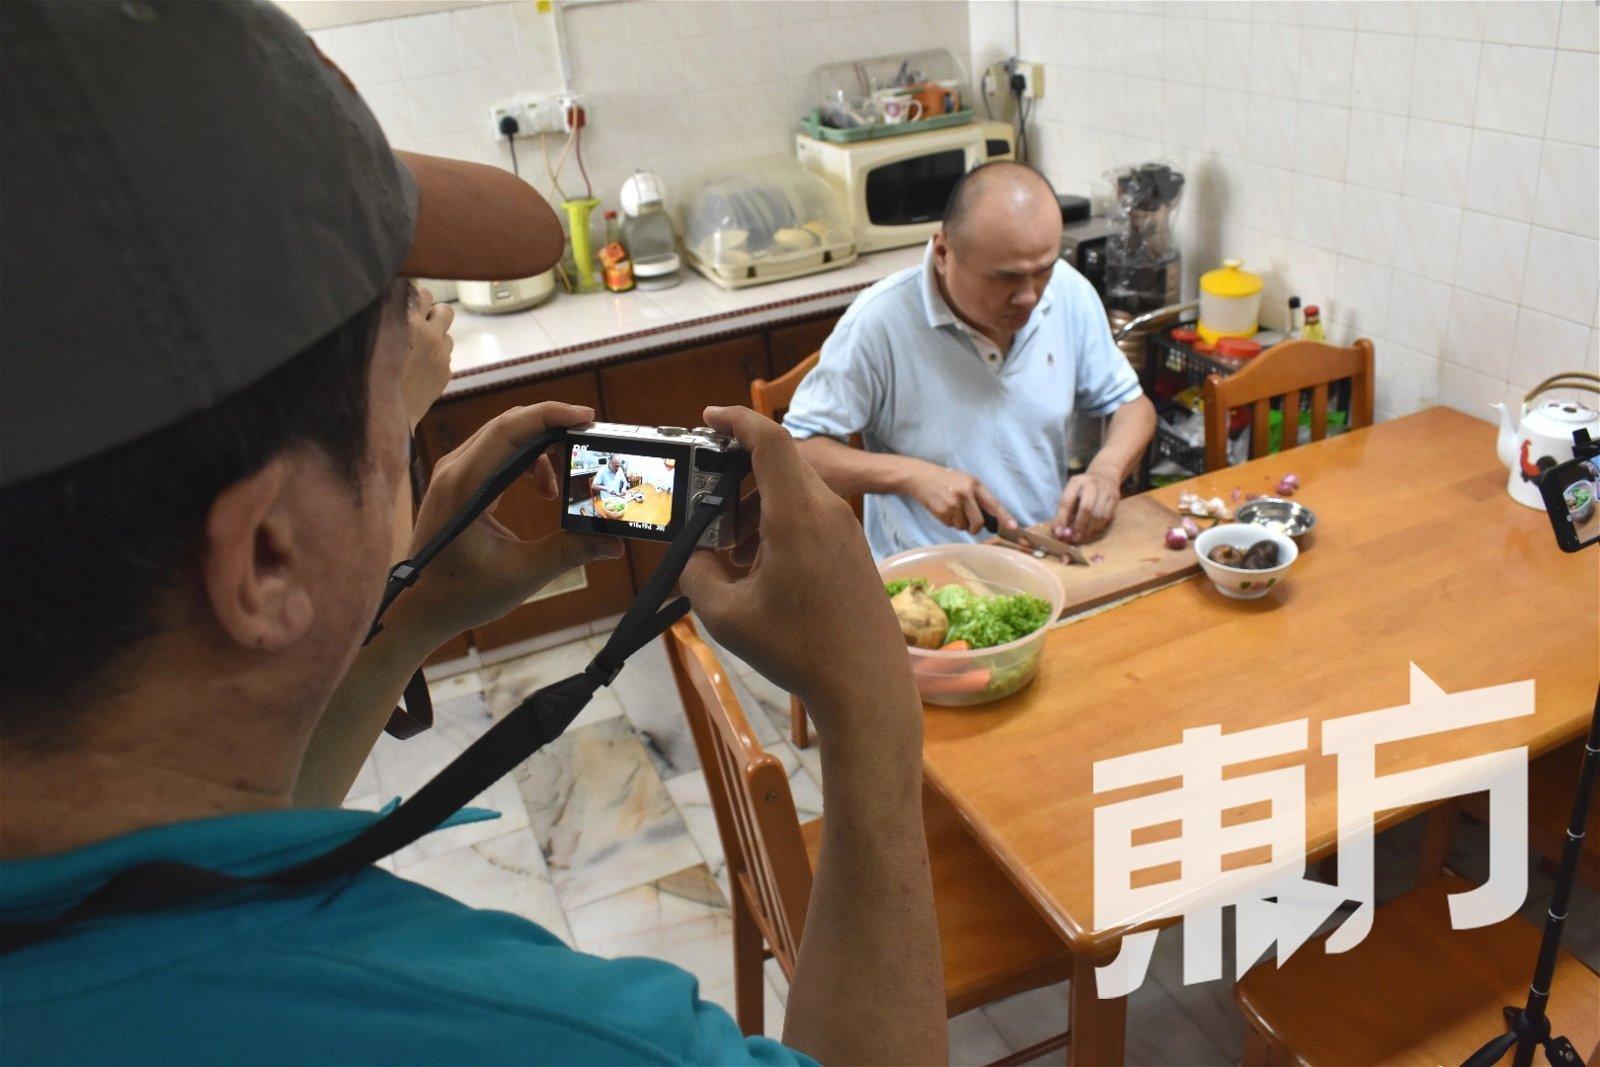 决定要成为失明Youtuber的罗维强,虽然可以烹饪及自行剪辑影片,但仍然需要友人协助拍摄。